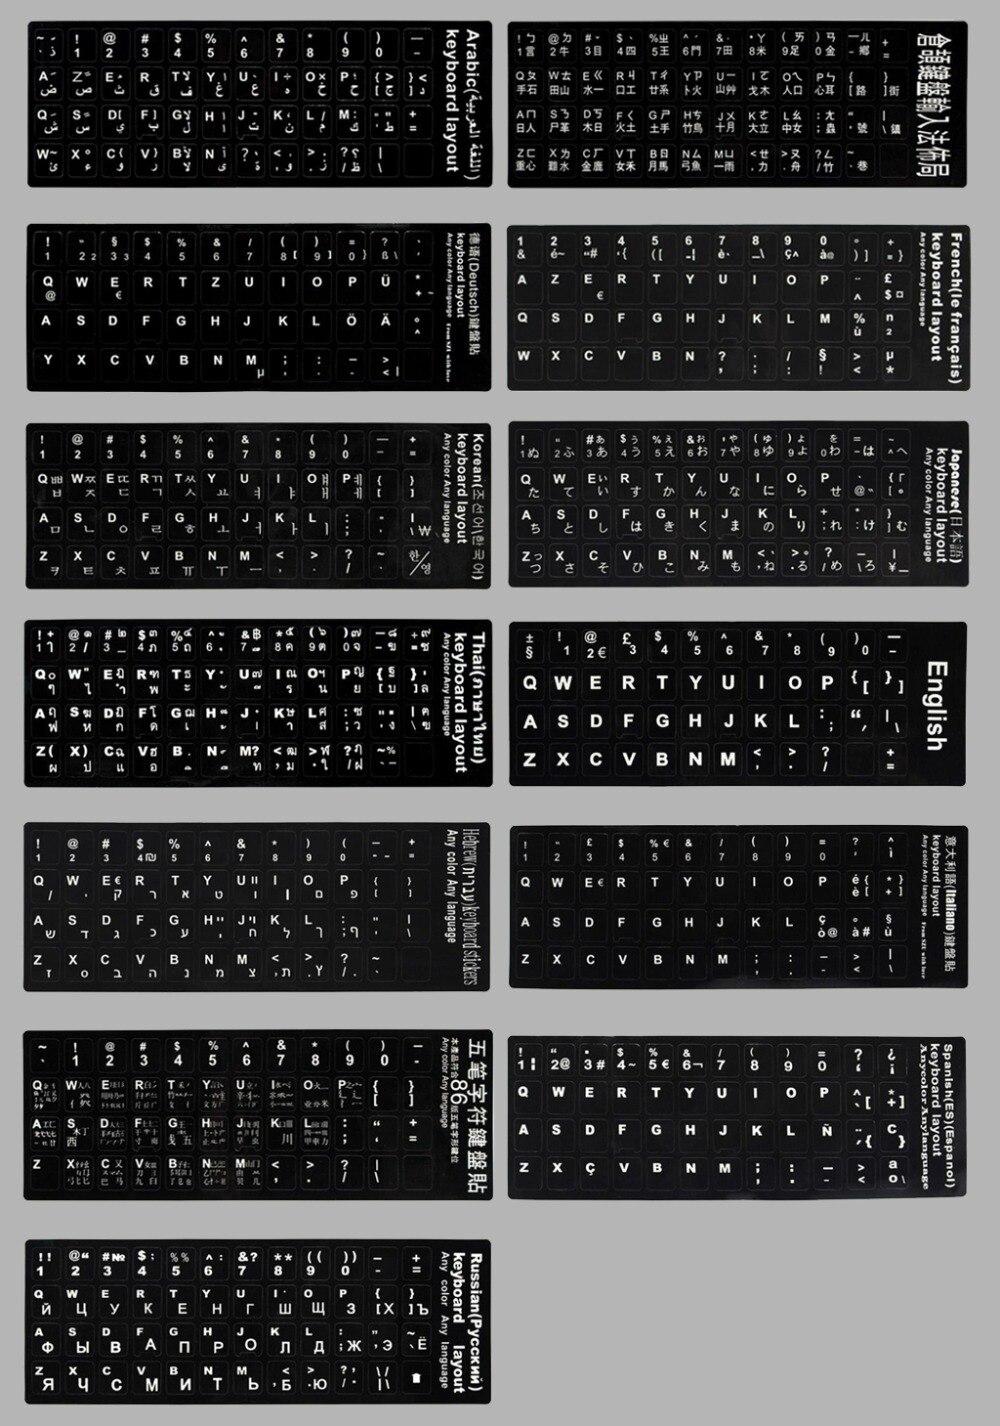 keyboard sticker of laptops